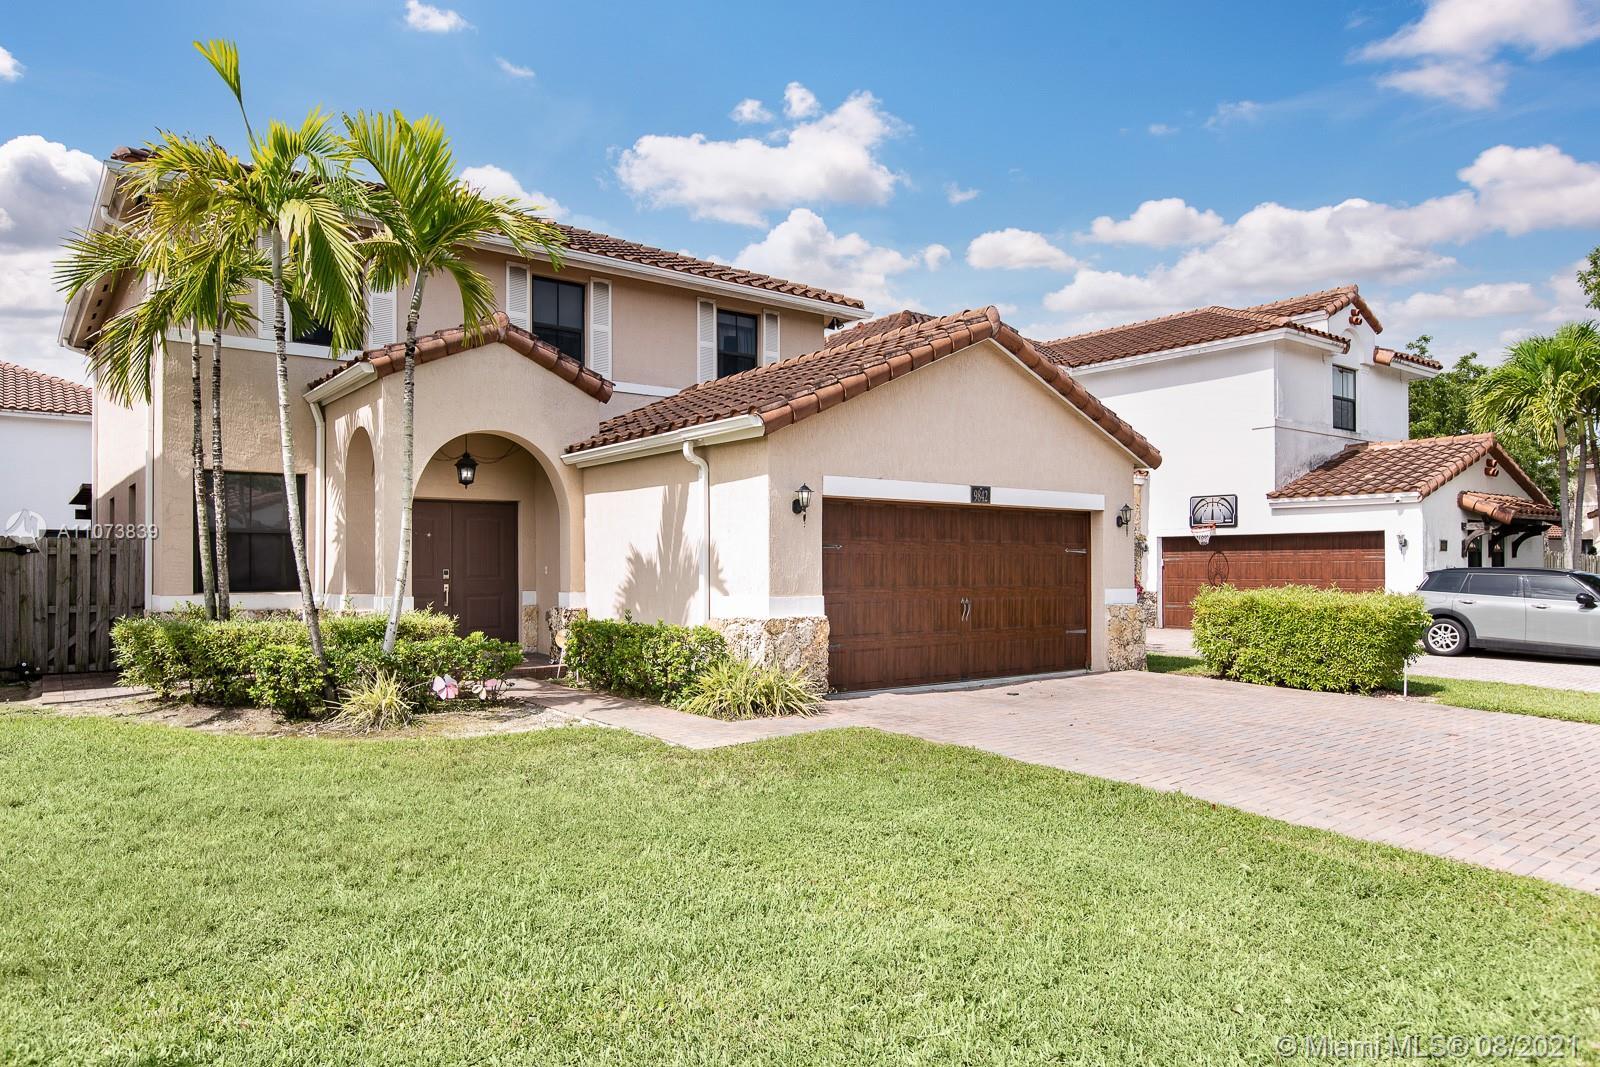 Las Ramblas - 9842 NW 9th St, Miami, FL 33172